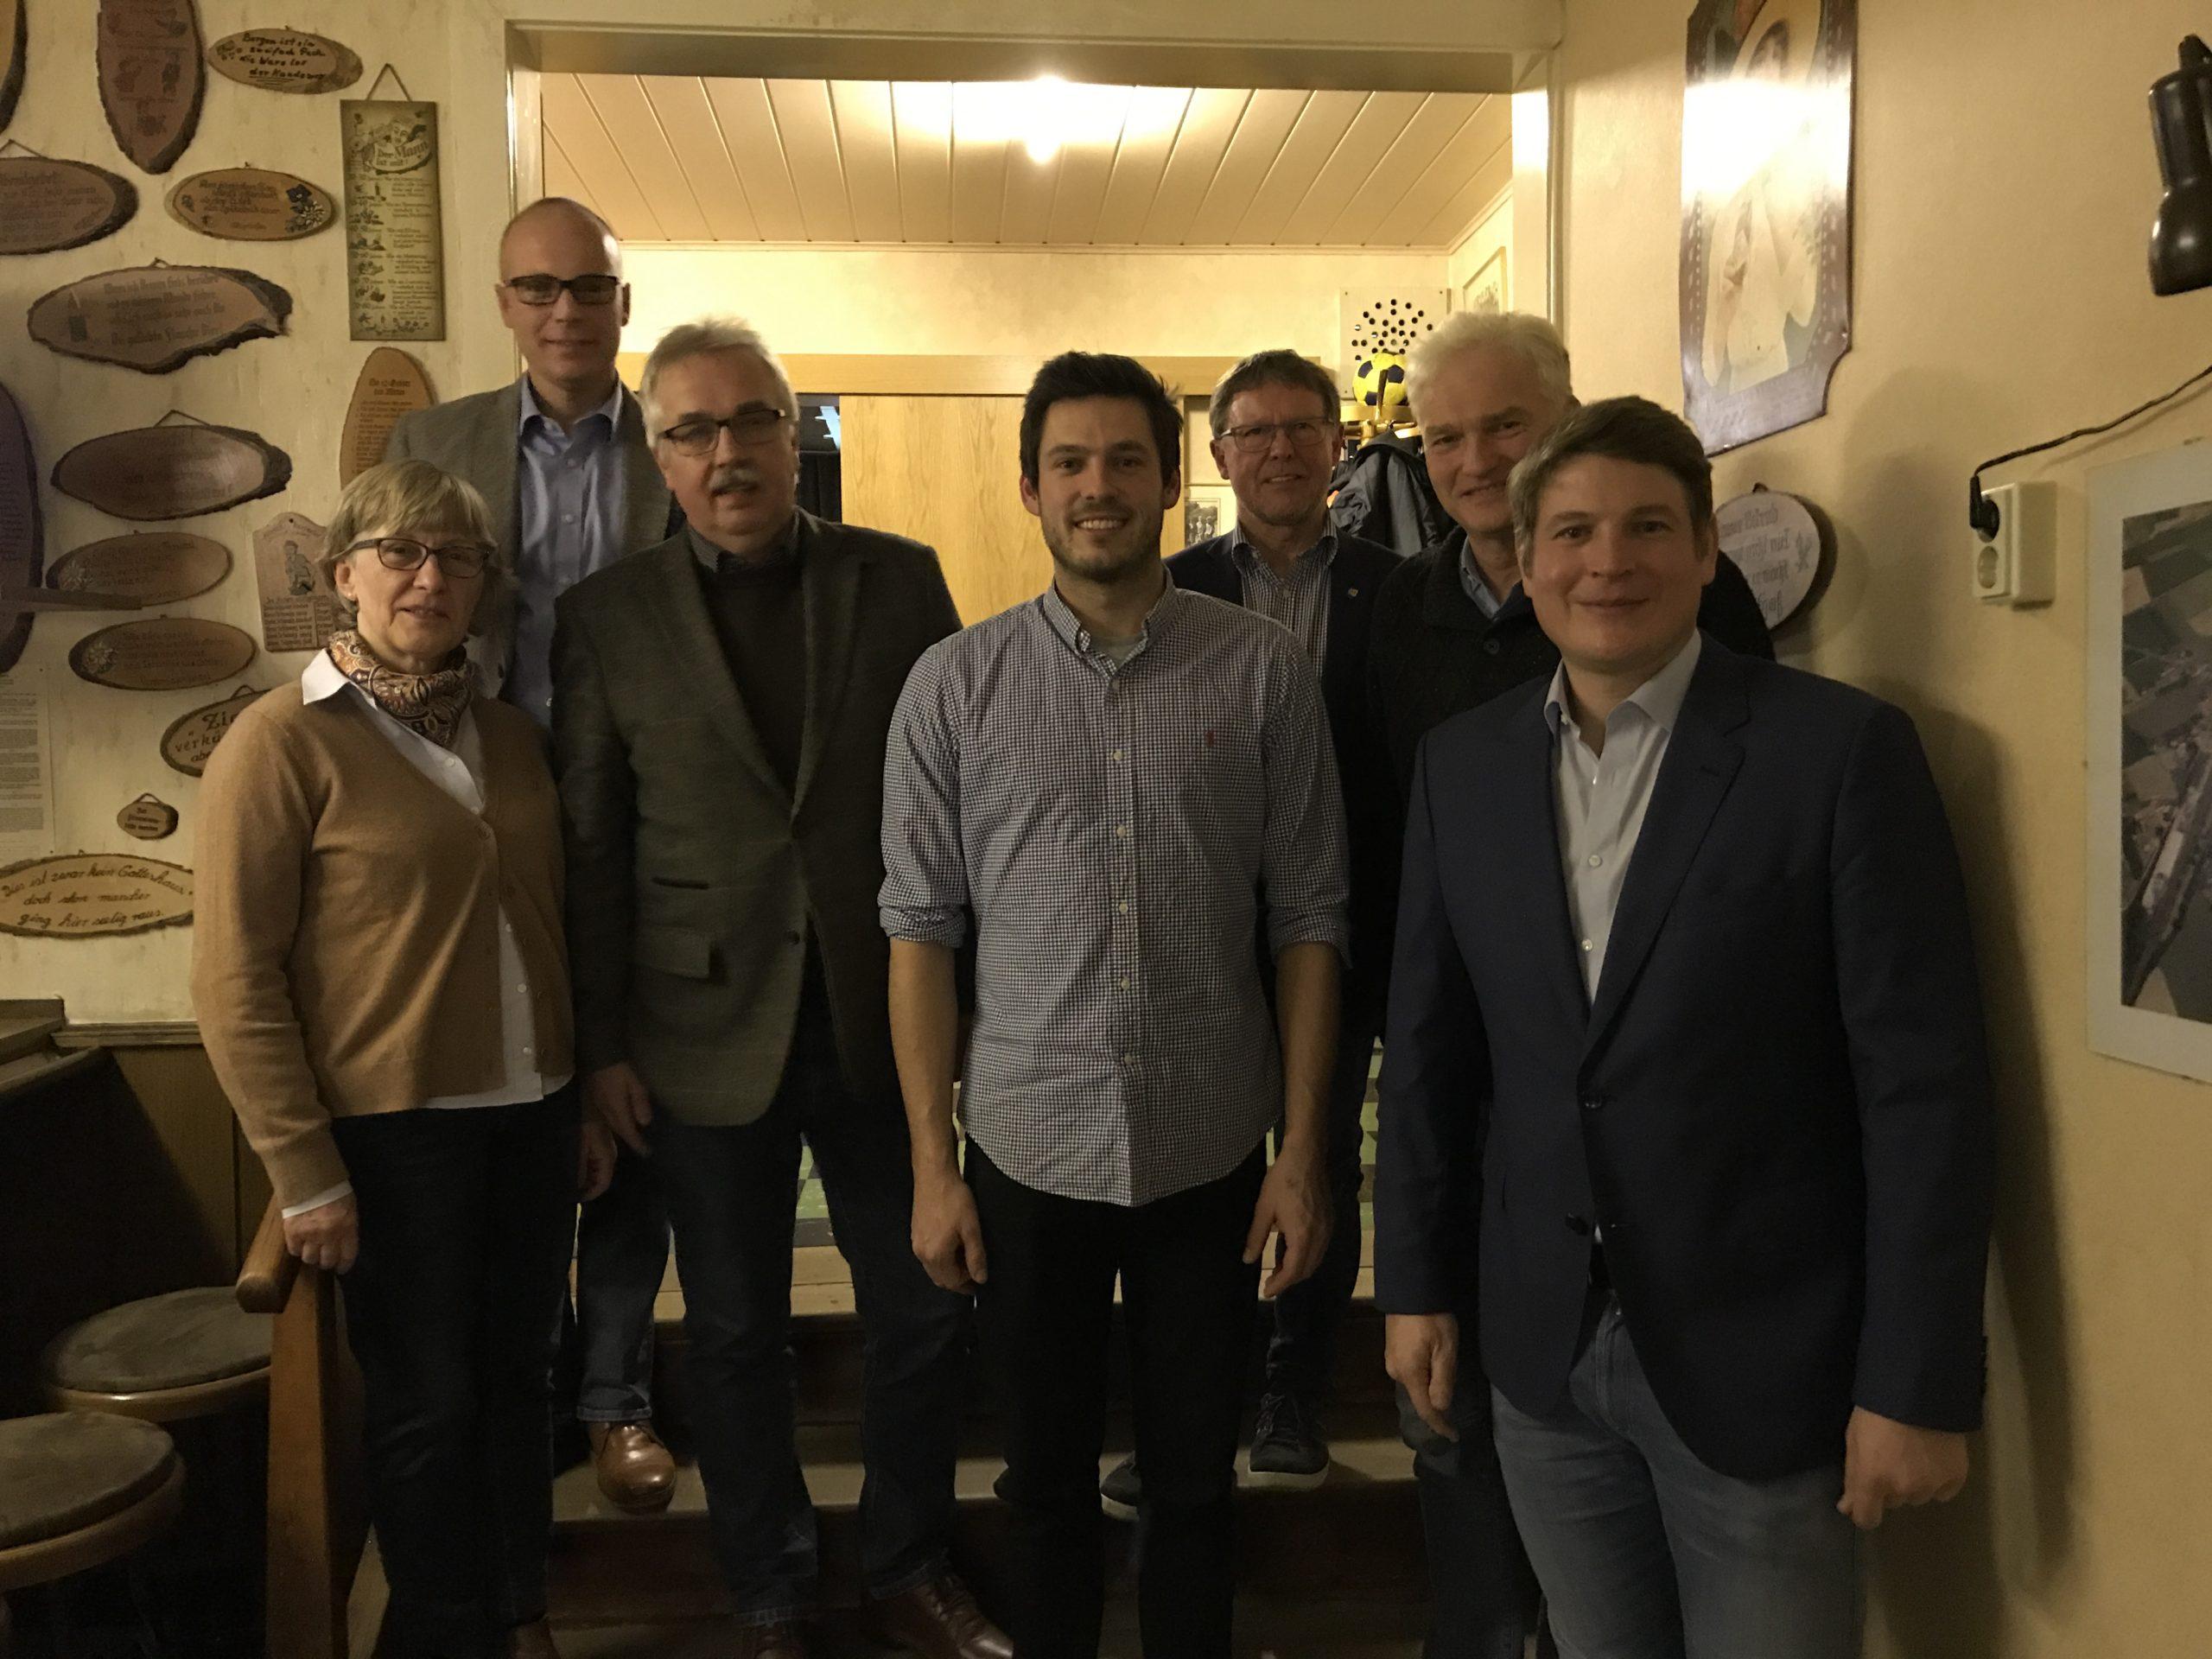 v.l.n.r.: Petra Engemann-Ludwig, Heiko Hansmann, Norbert Hofnagel, Matthäus Nutt, Werner Dürdoth, Andreas Engemann, Nicolas Aisch